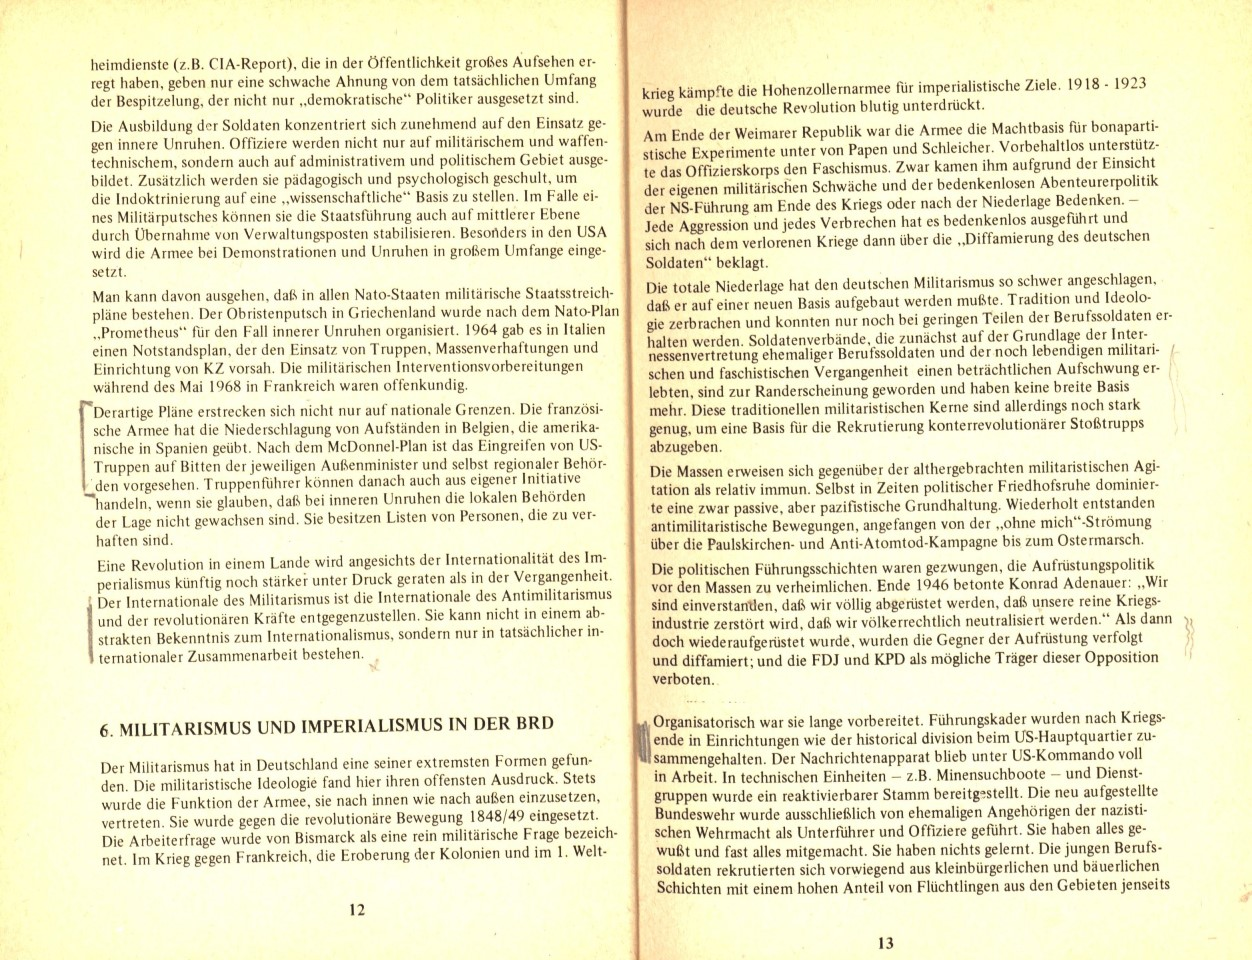 GIM_1976_Militaerpolitisches_Programm_08